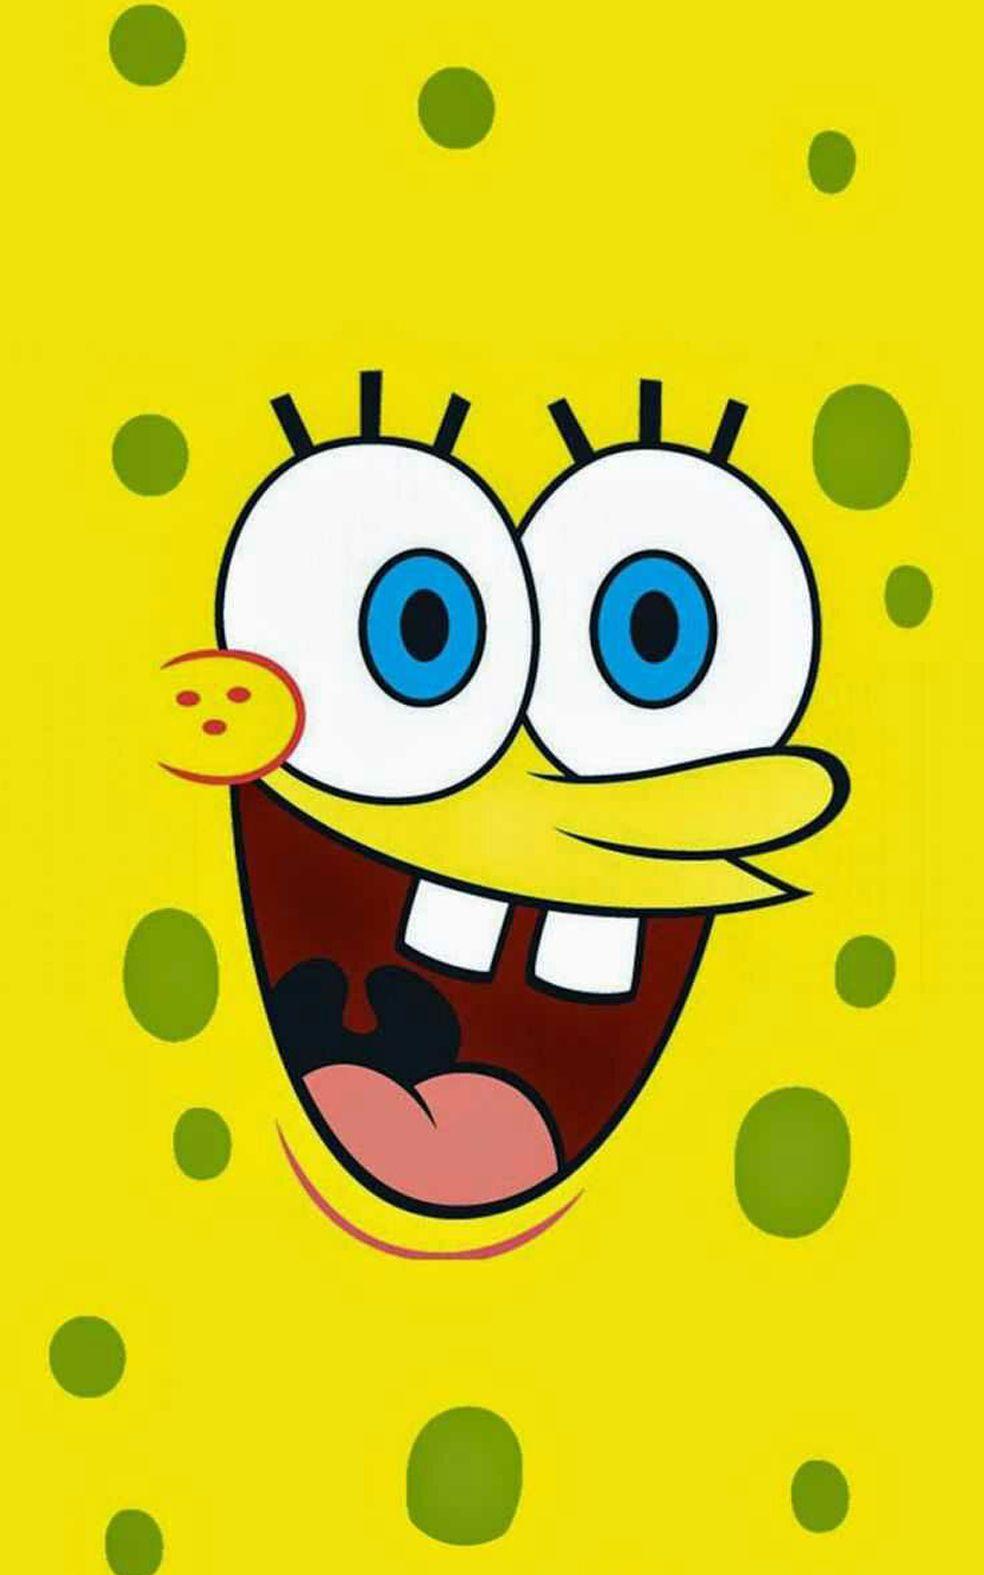 Top Best Spongebob 2020 4k HD Wallpapers Spongebob